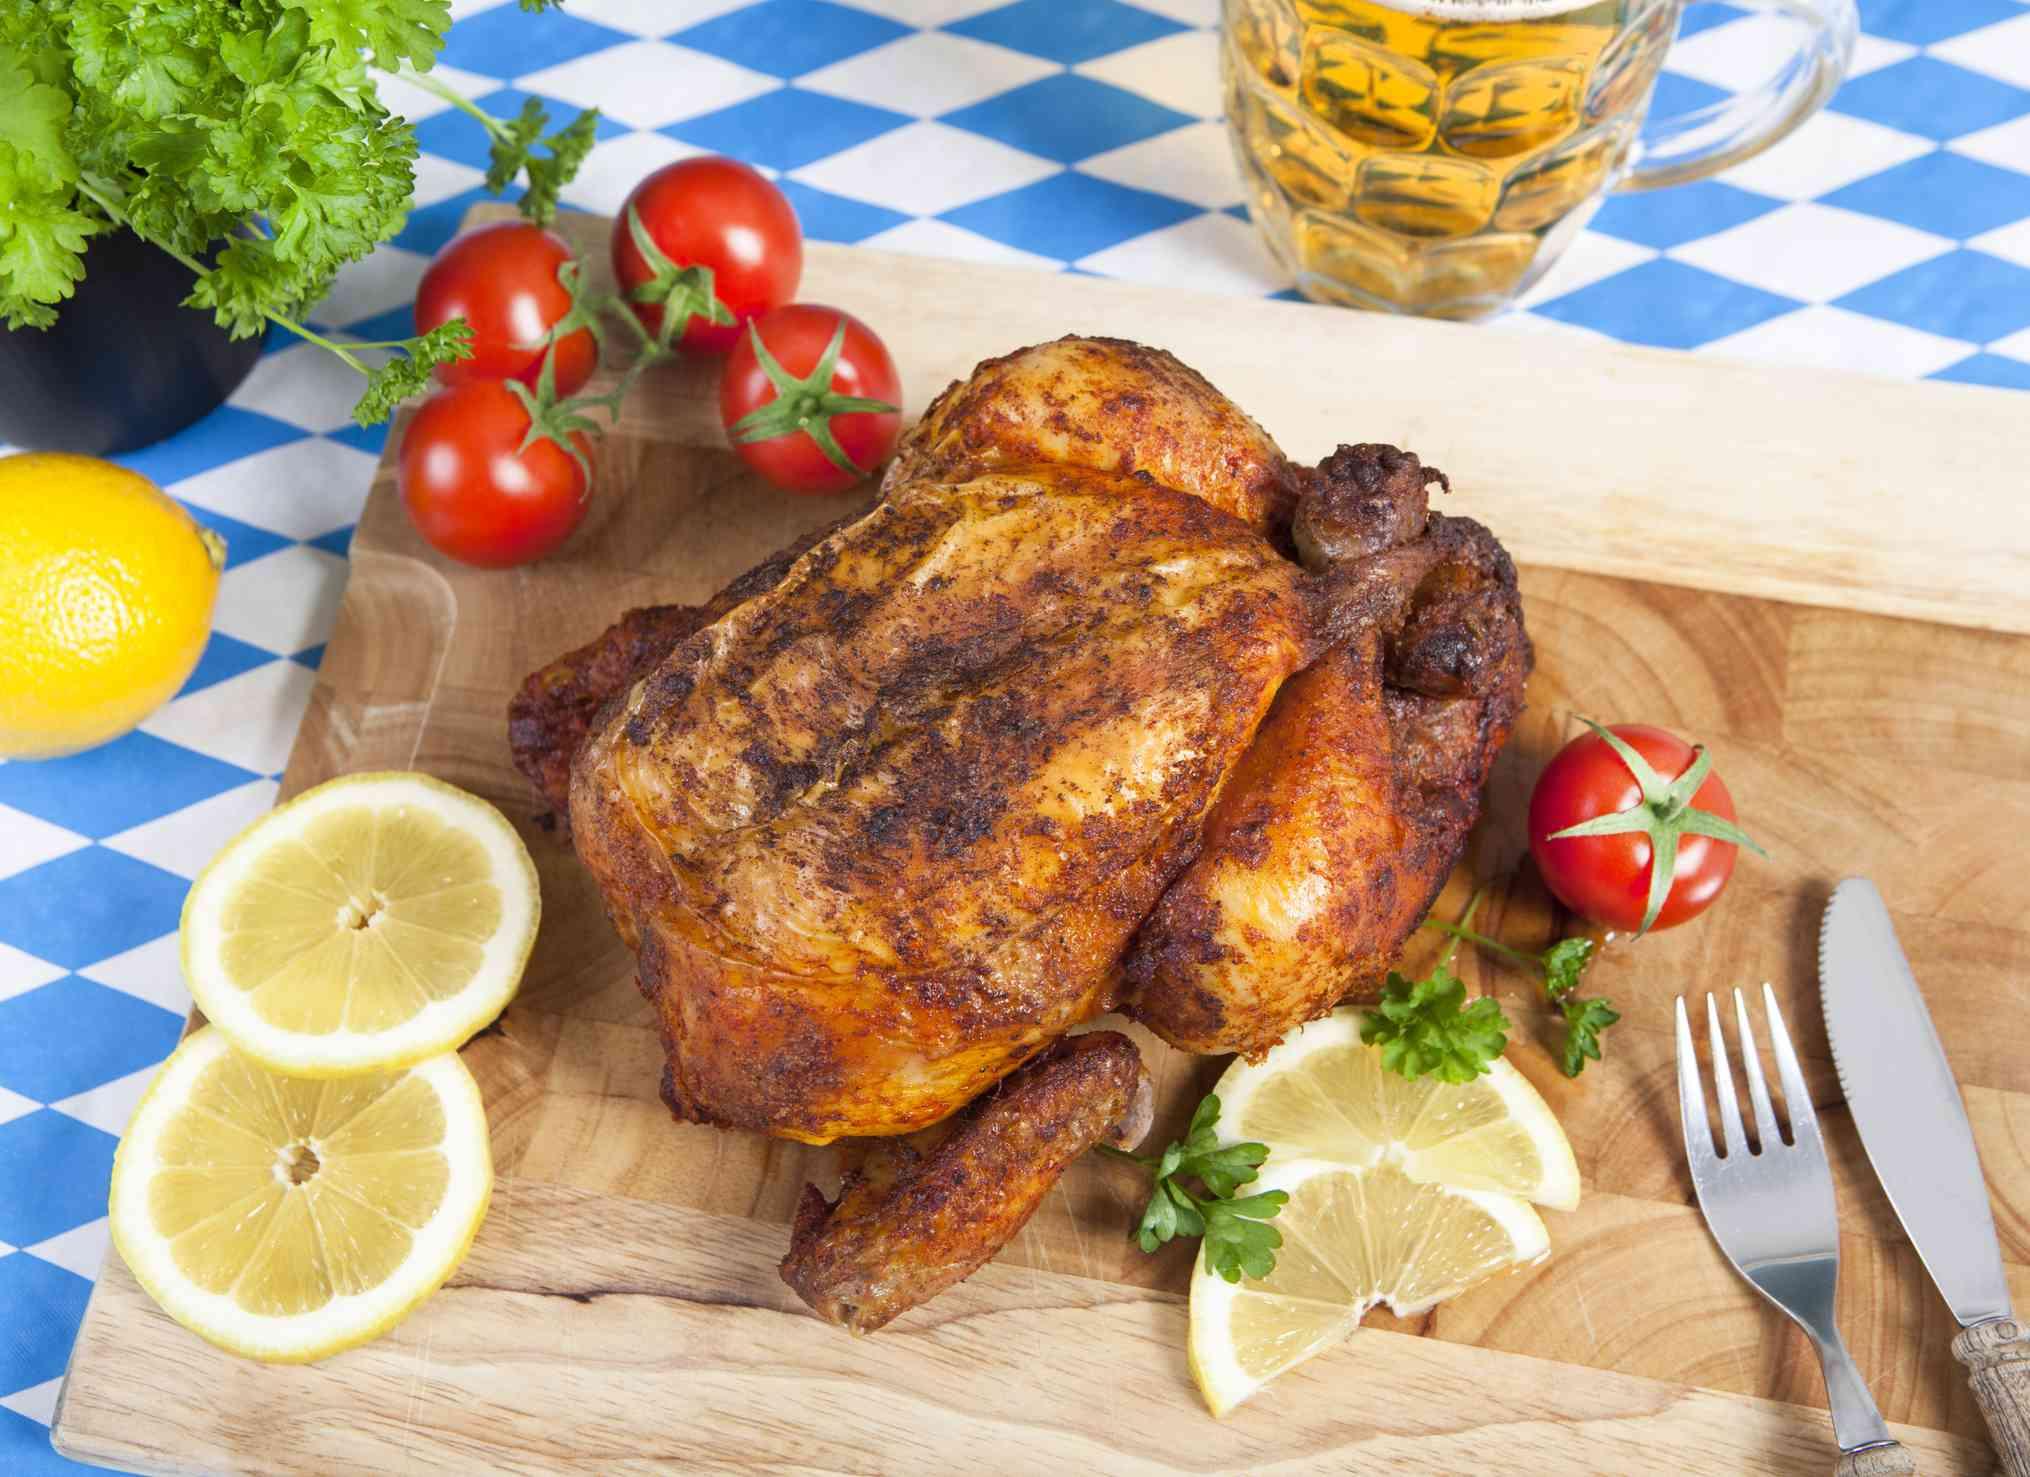 Bayerische Roast Huhn (Bavaria Roast Chicken)